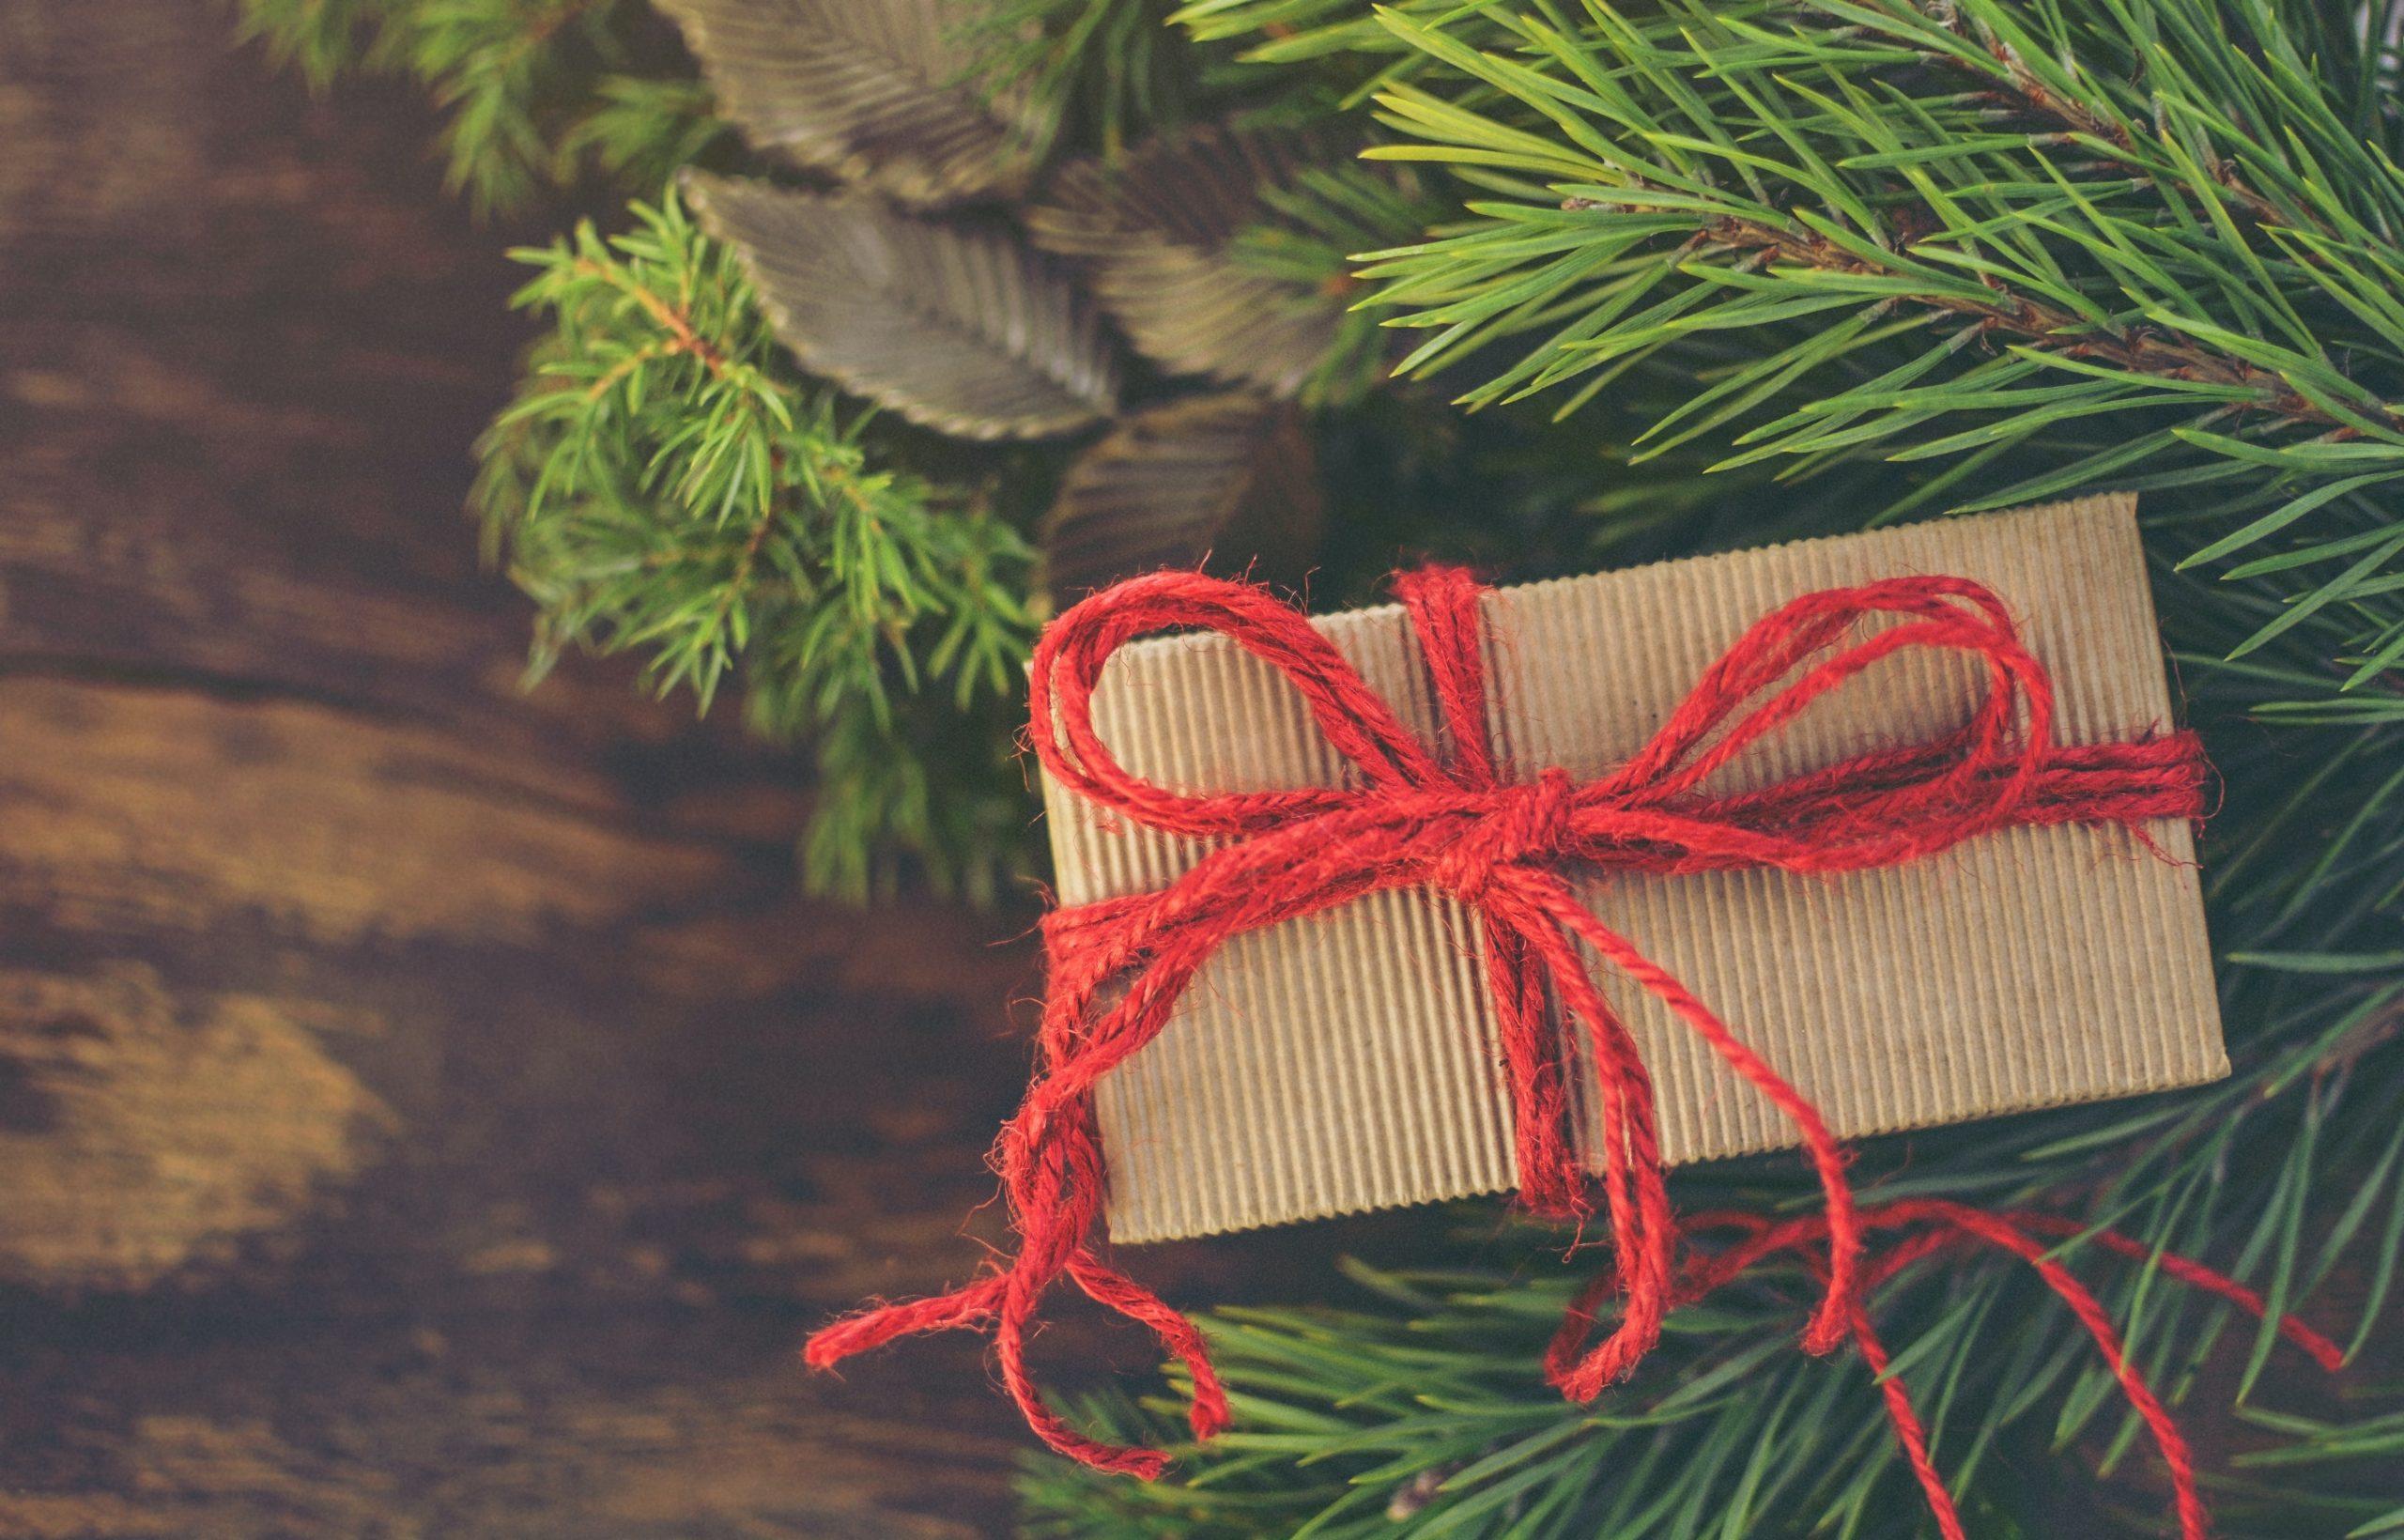 Missione Natale: 20 regali bellissimi da comprare online!